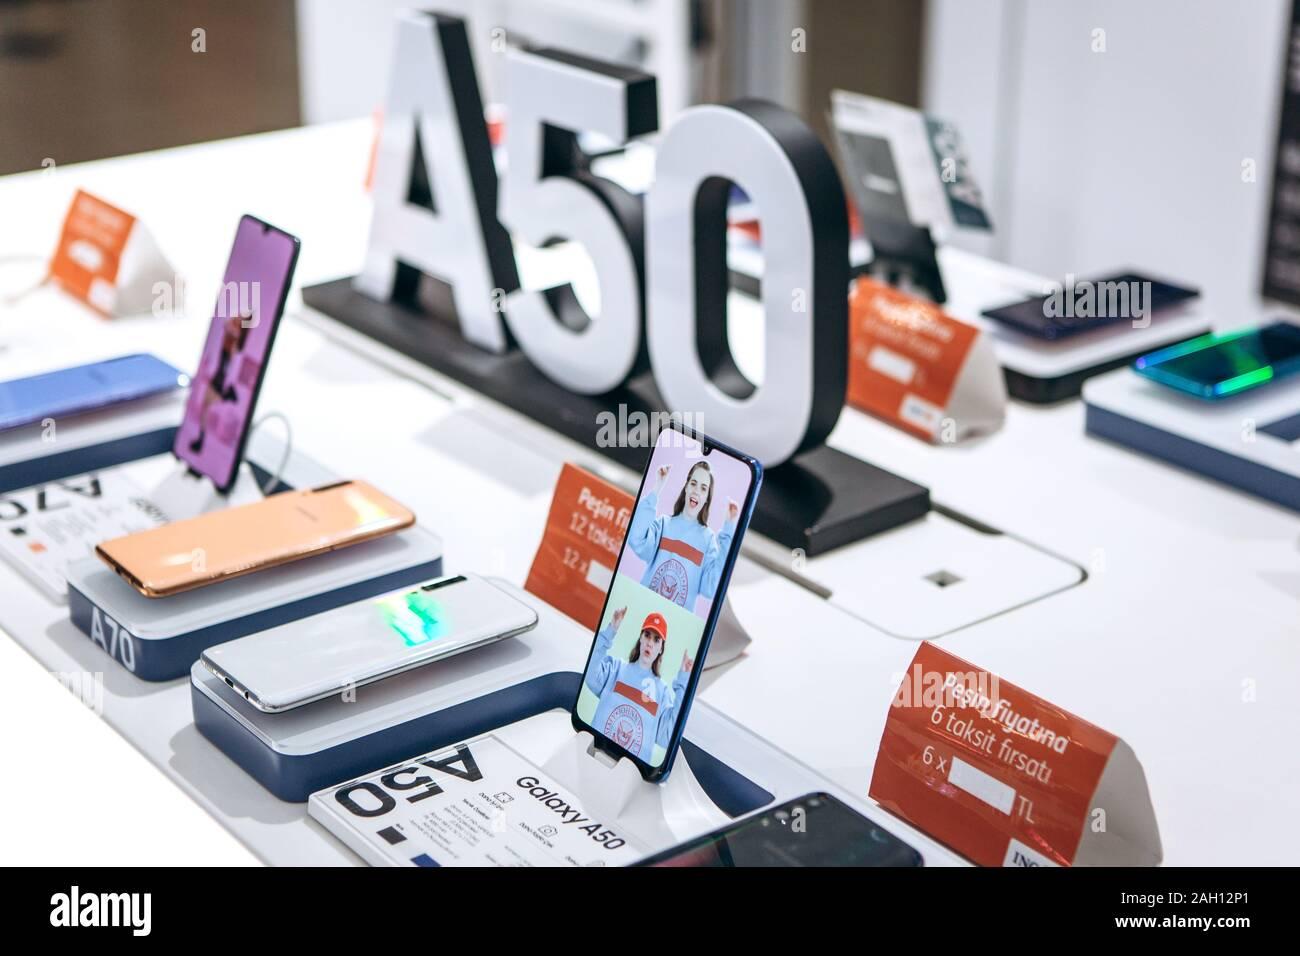 Turquía, Estambul, 20 de diciembre de 2019: venta de nuevo Samsung Galaxy A50 celulares en la tienda oficial de Samsung. Foto de stock